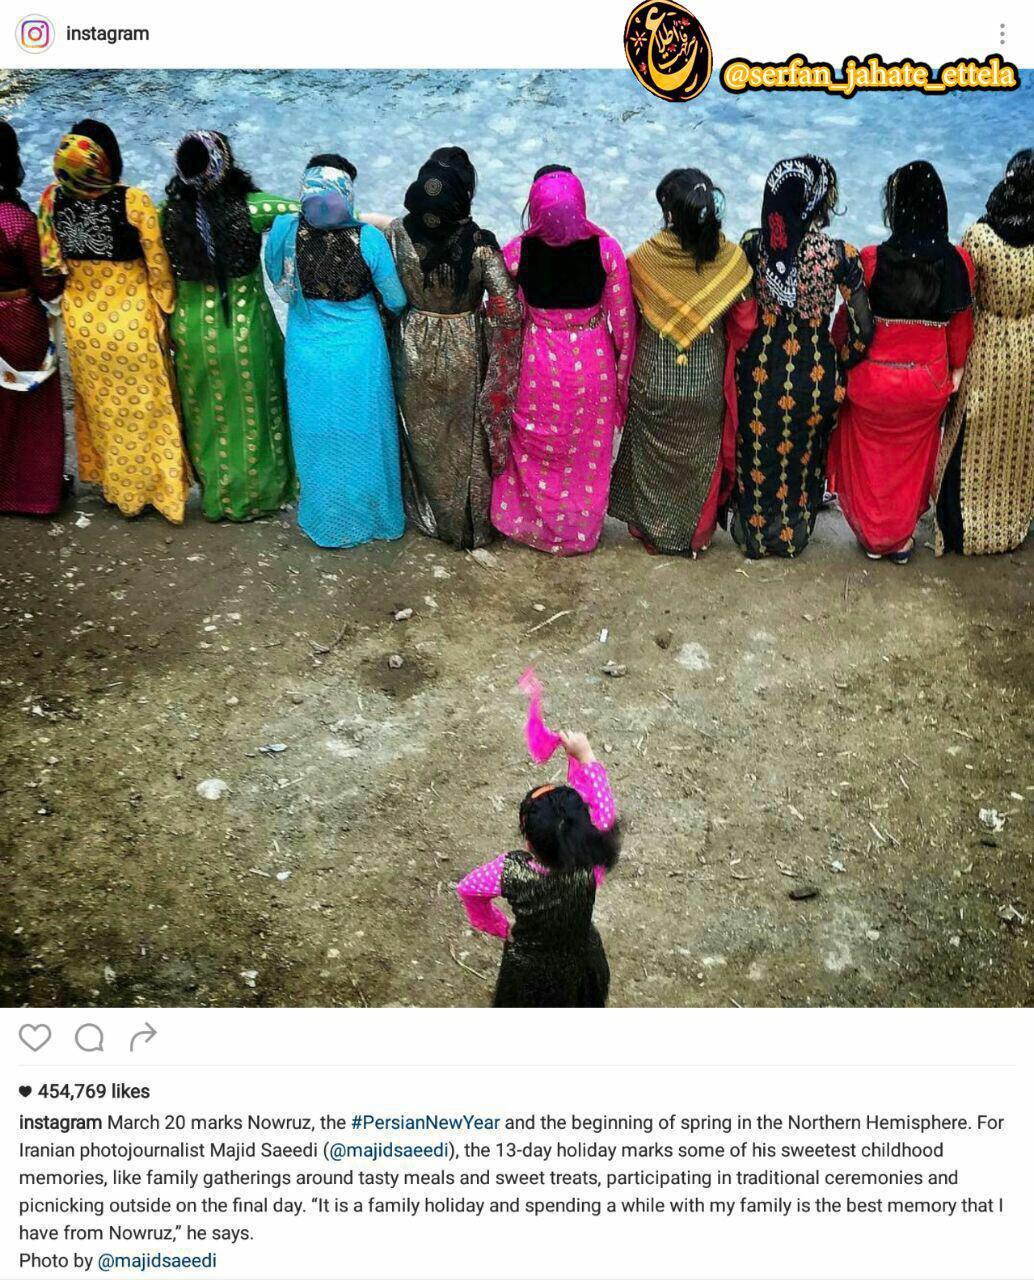 تبریک رسمی اینستاگرام به مناسبت عیدنوروز